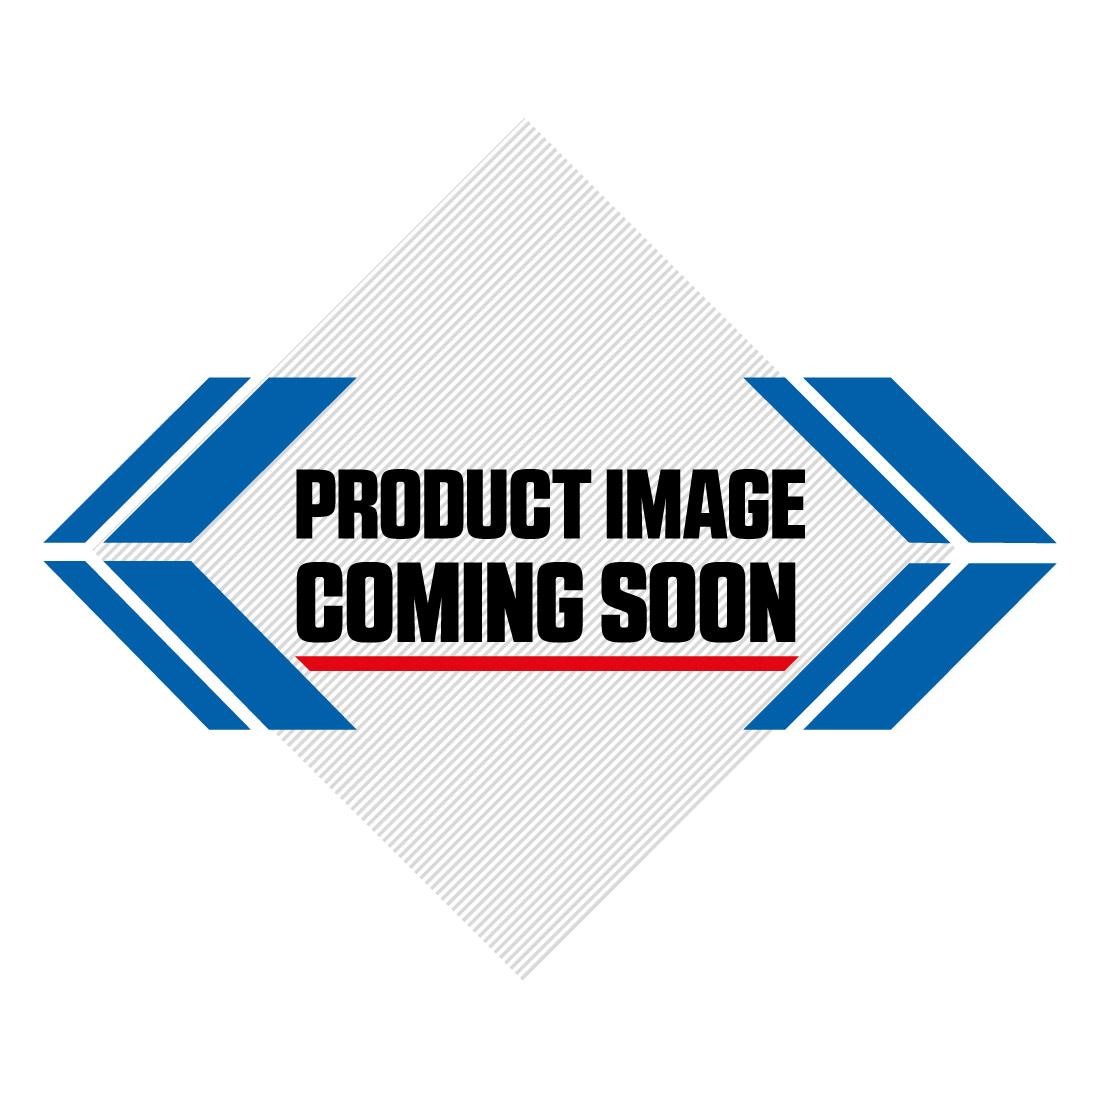 Kawasaki Plastic Kit KX 125 250 (99-02) OEM Factory Image-5>